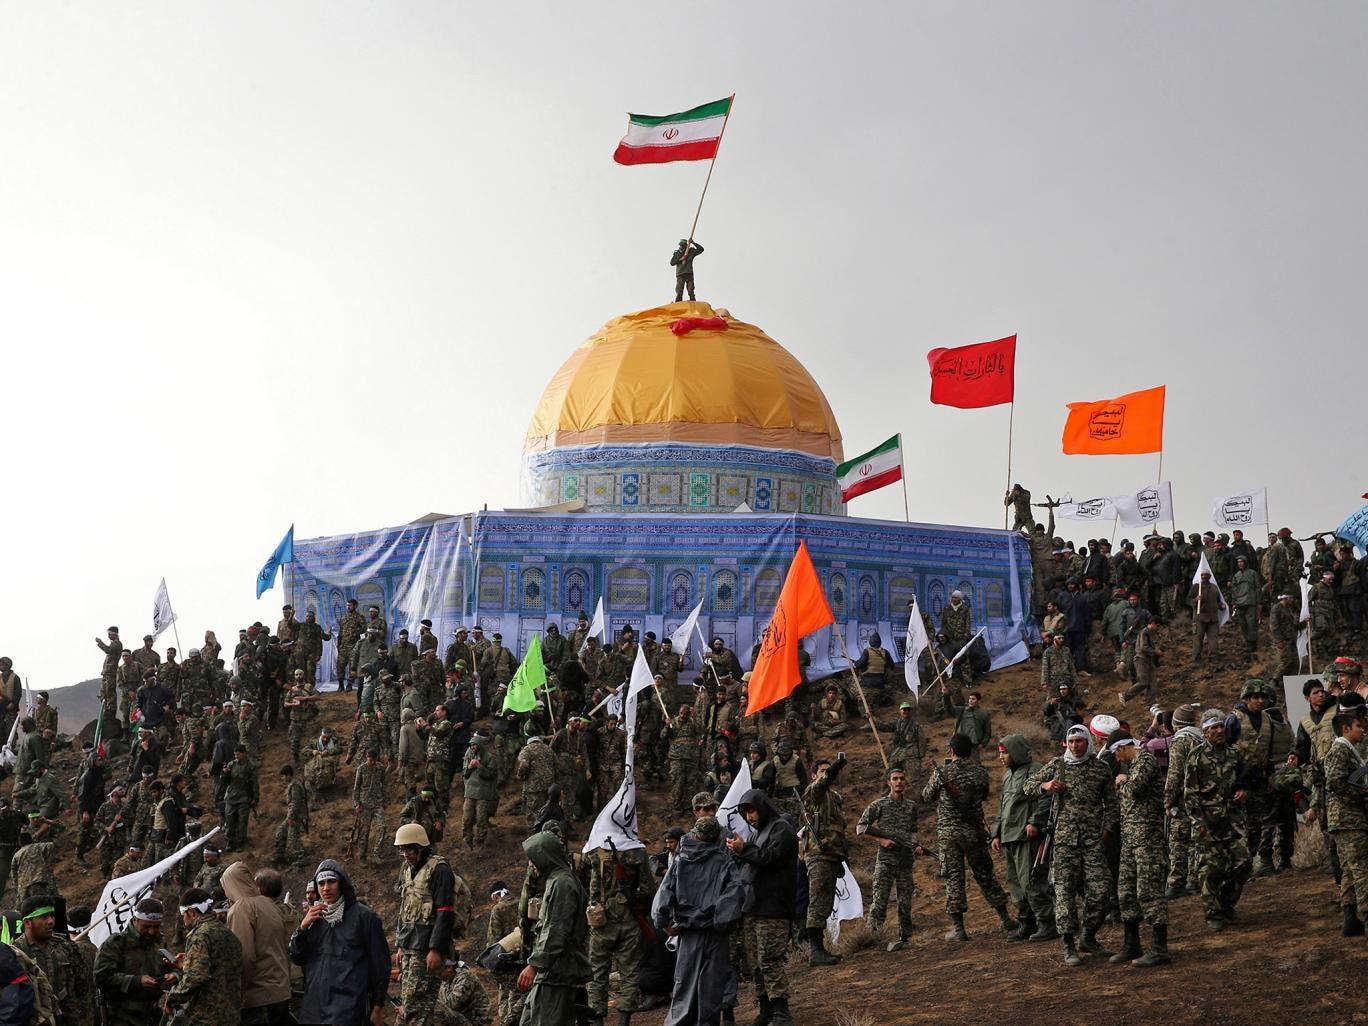 Iran's Revolutionary Guard Simulates Capture of Al-Aqsa Mosque